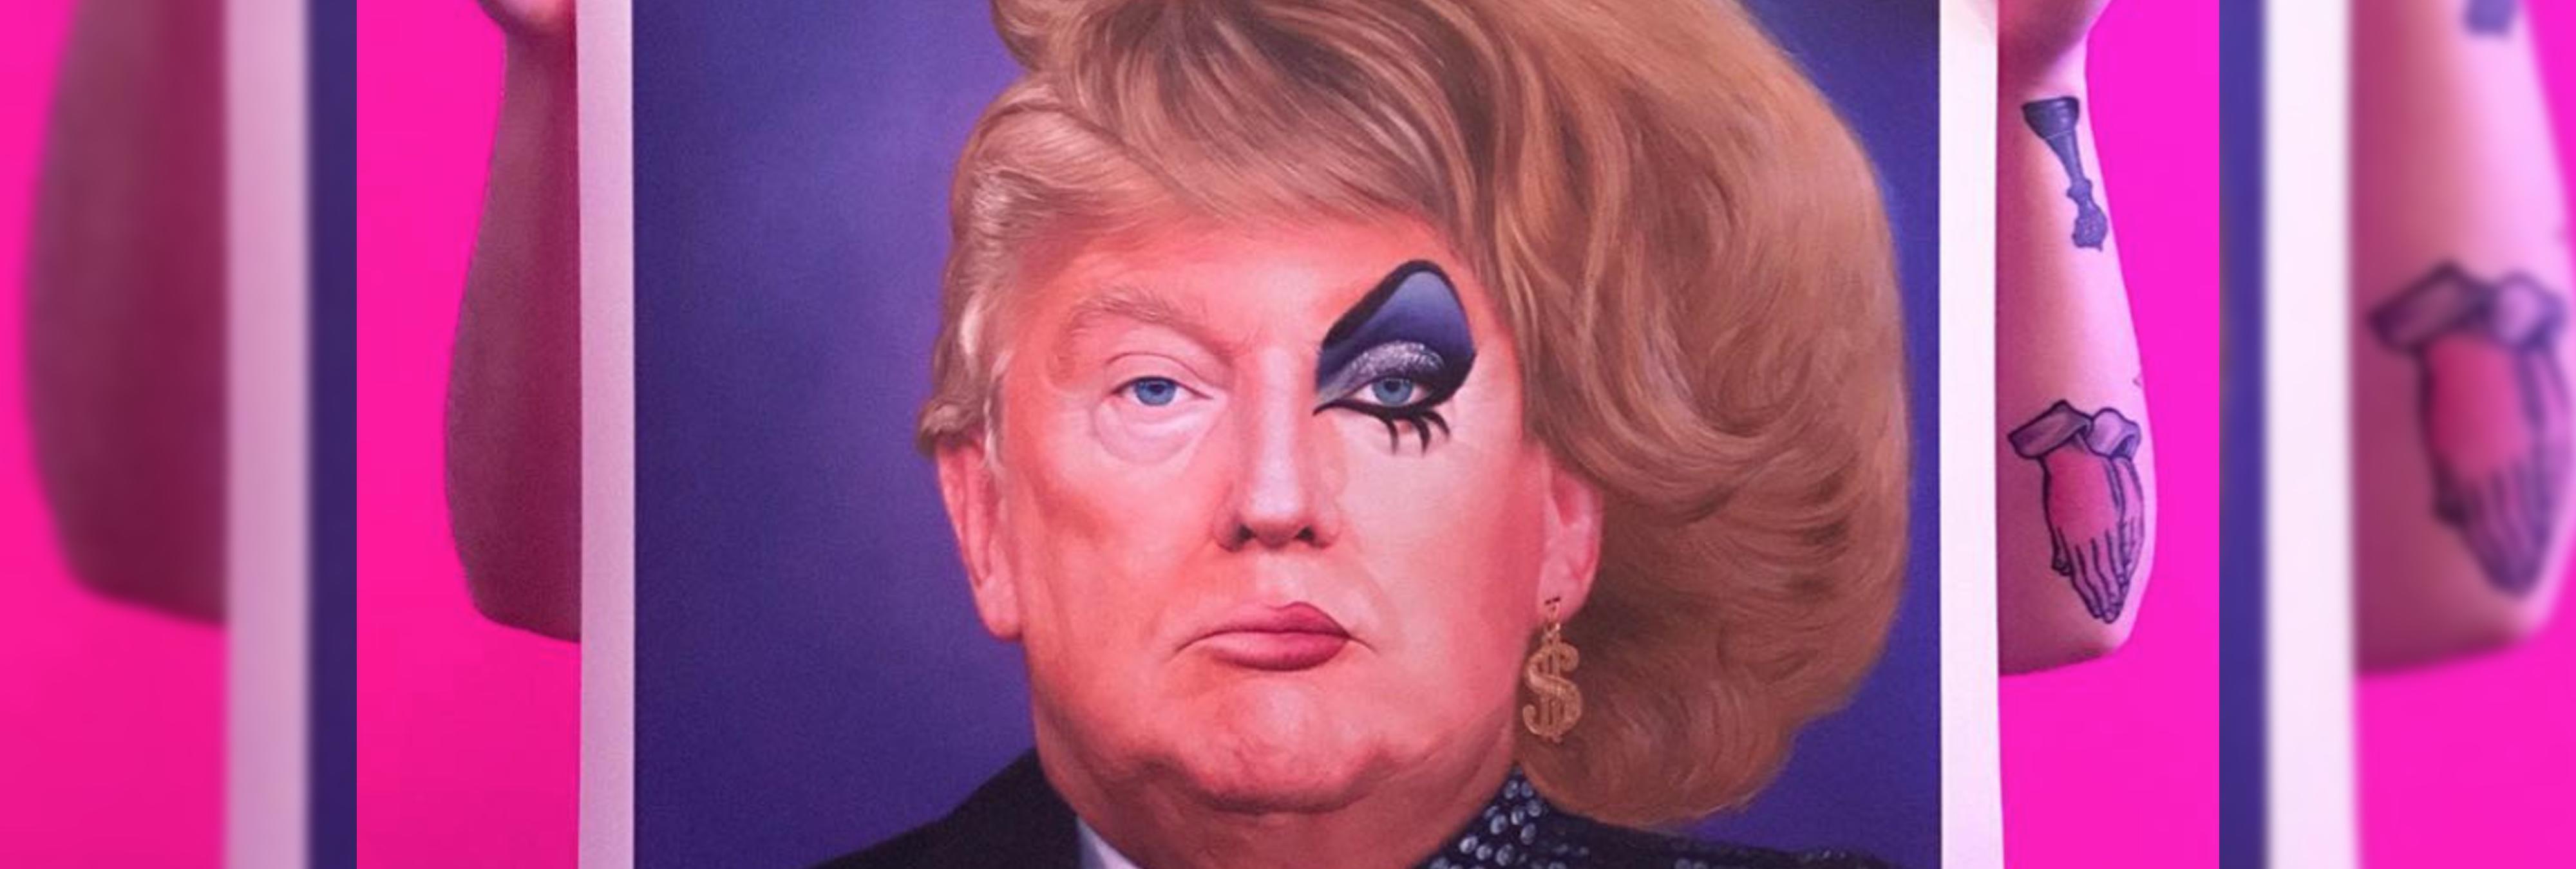 Una artista transforma las frases más machistas de Trump en eslogans publicitarios de los años 50